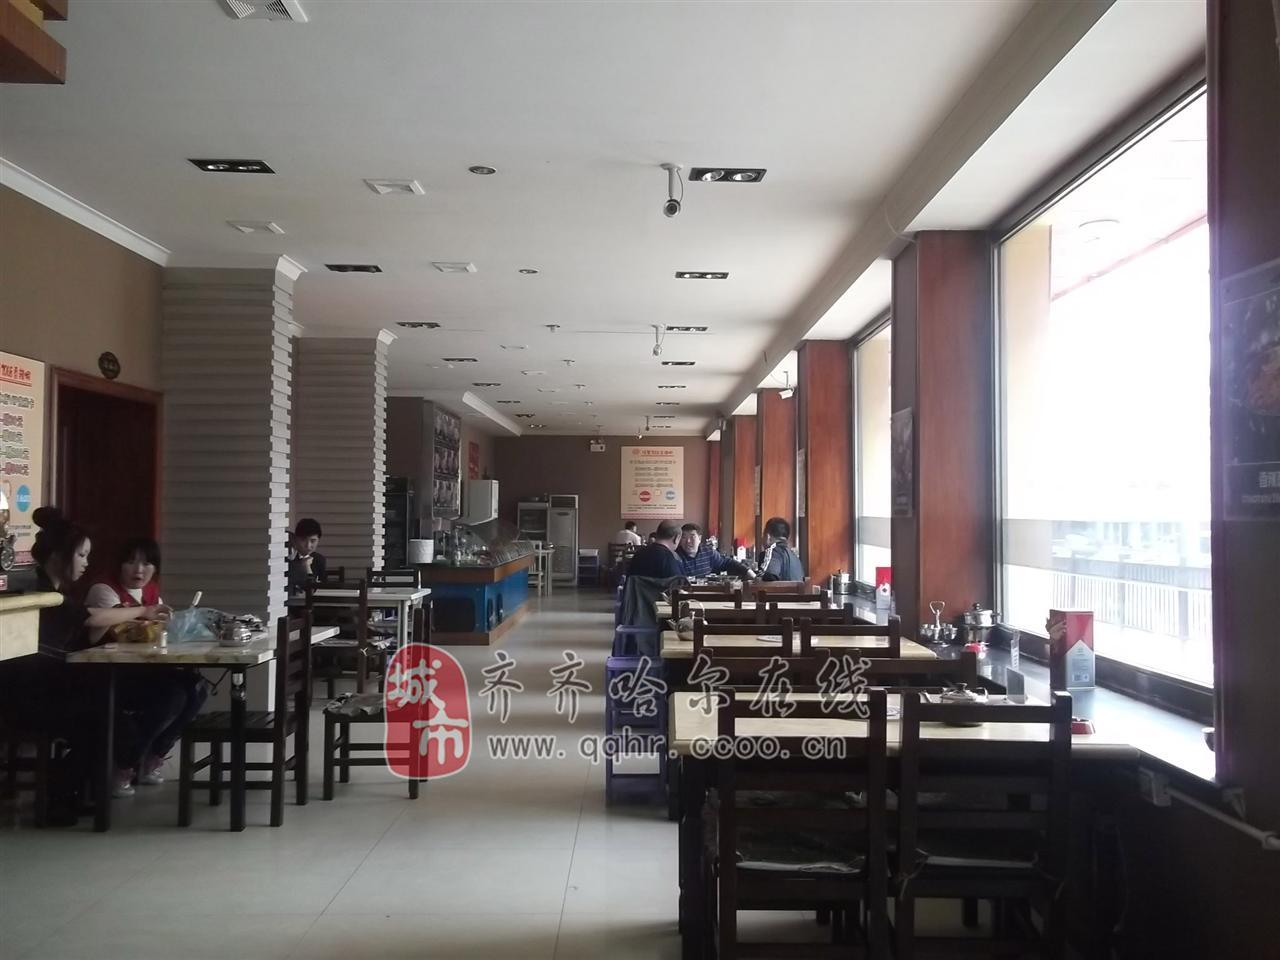 川蜀2068香辣虾是全国连锁,在齐齐哈尔市是唯一一家经过授权的连锁店,店铺已经开业六年。 店铺特色是香辣虾,是以虾锅为主,一锅两吃,先吃虾、后涮锅。吃完虾后加入高汤即可涮锅,而涮品也是相当丰富的。 而川蜀2068香辣虾中的2068的意思是:2是一锅两吃、0是零空位、68是68种中药秘制而成的辅料来增加香辣虾的口感和营养。